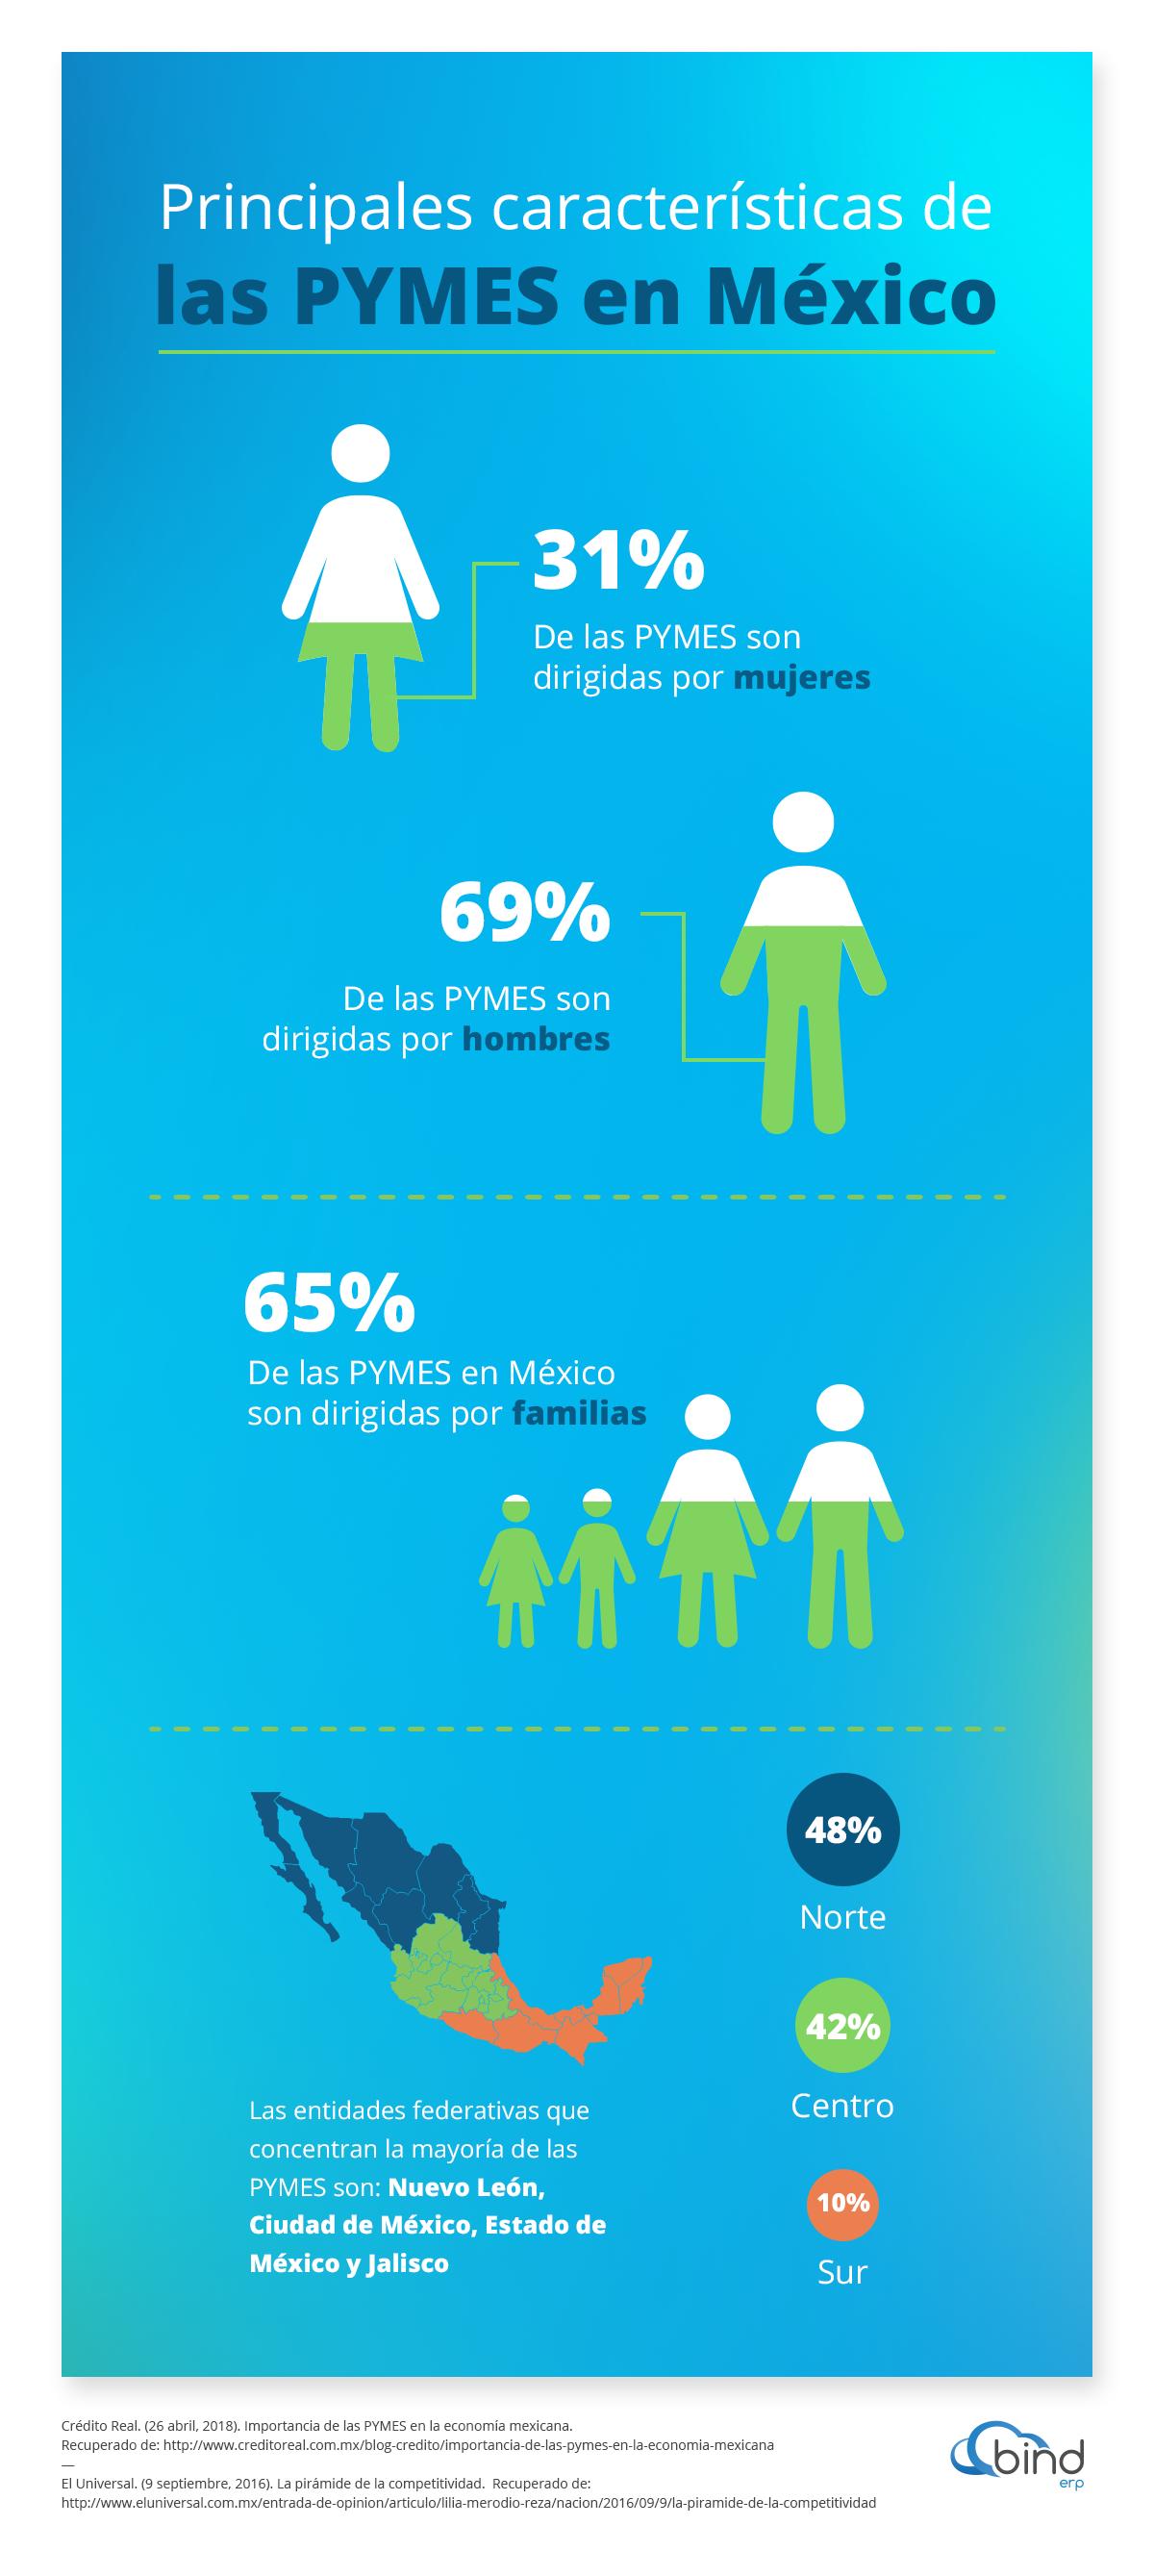 Principales caracteristicas de las PYMES en Mexico